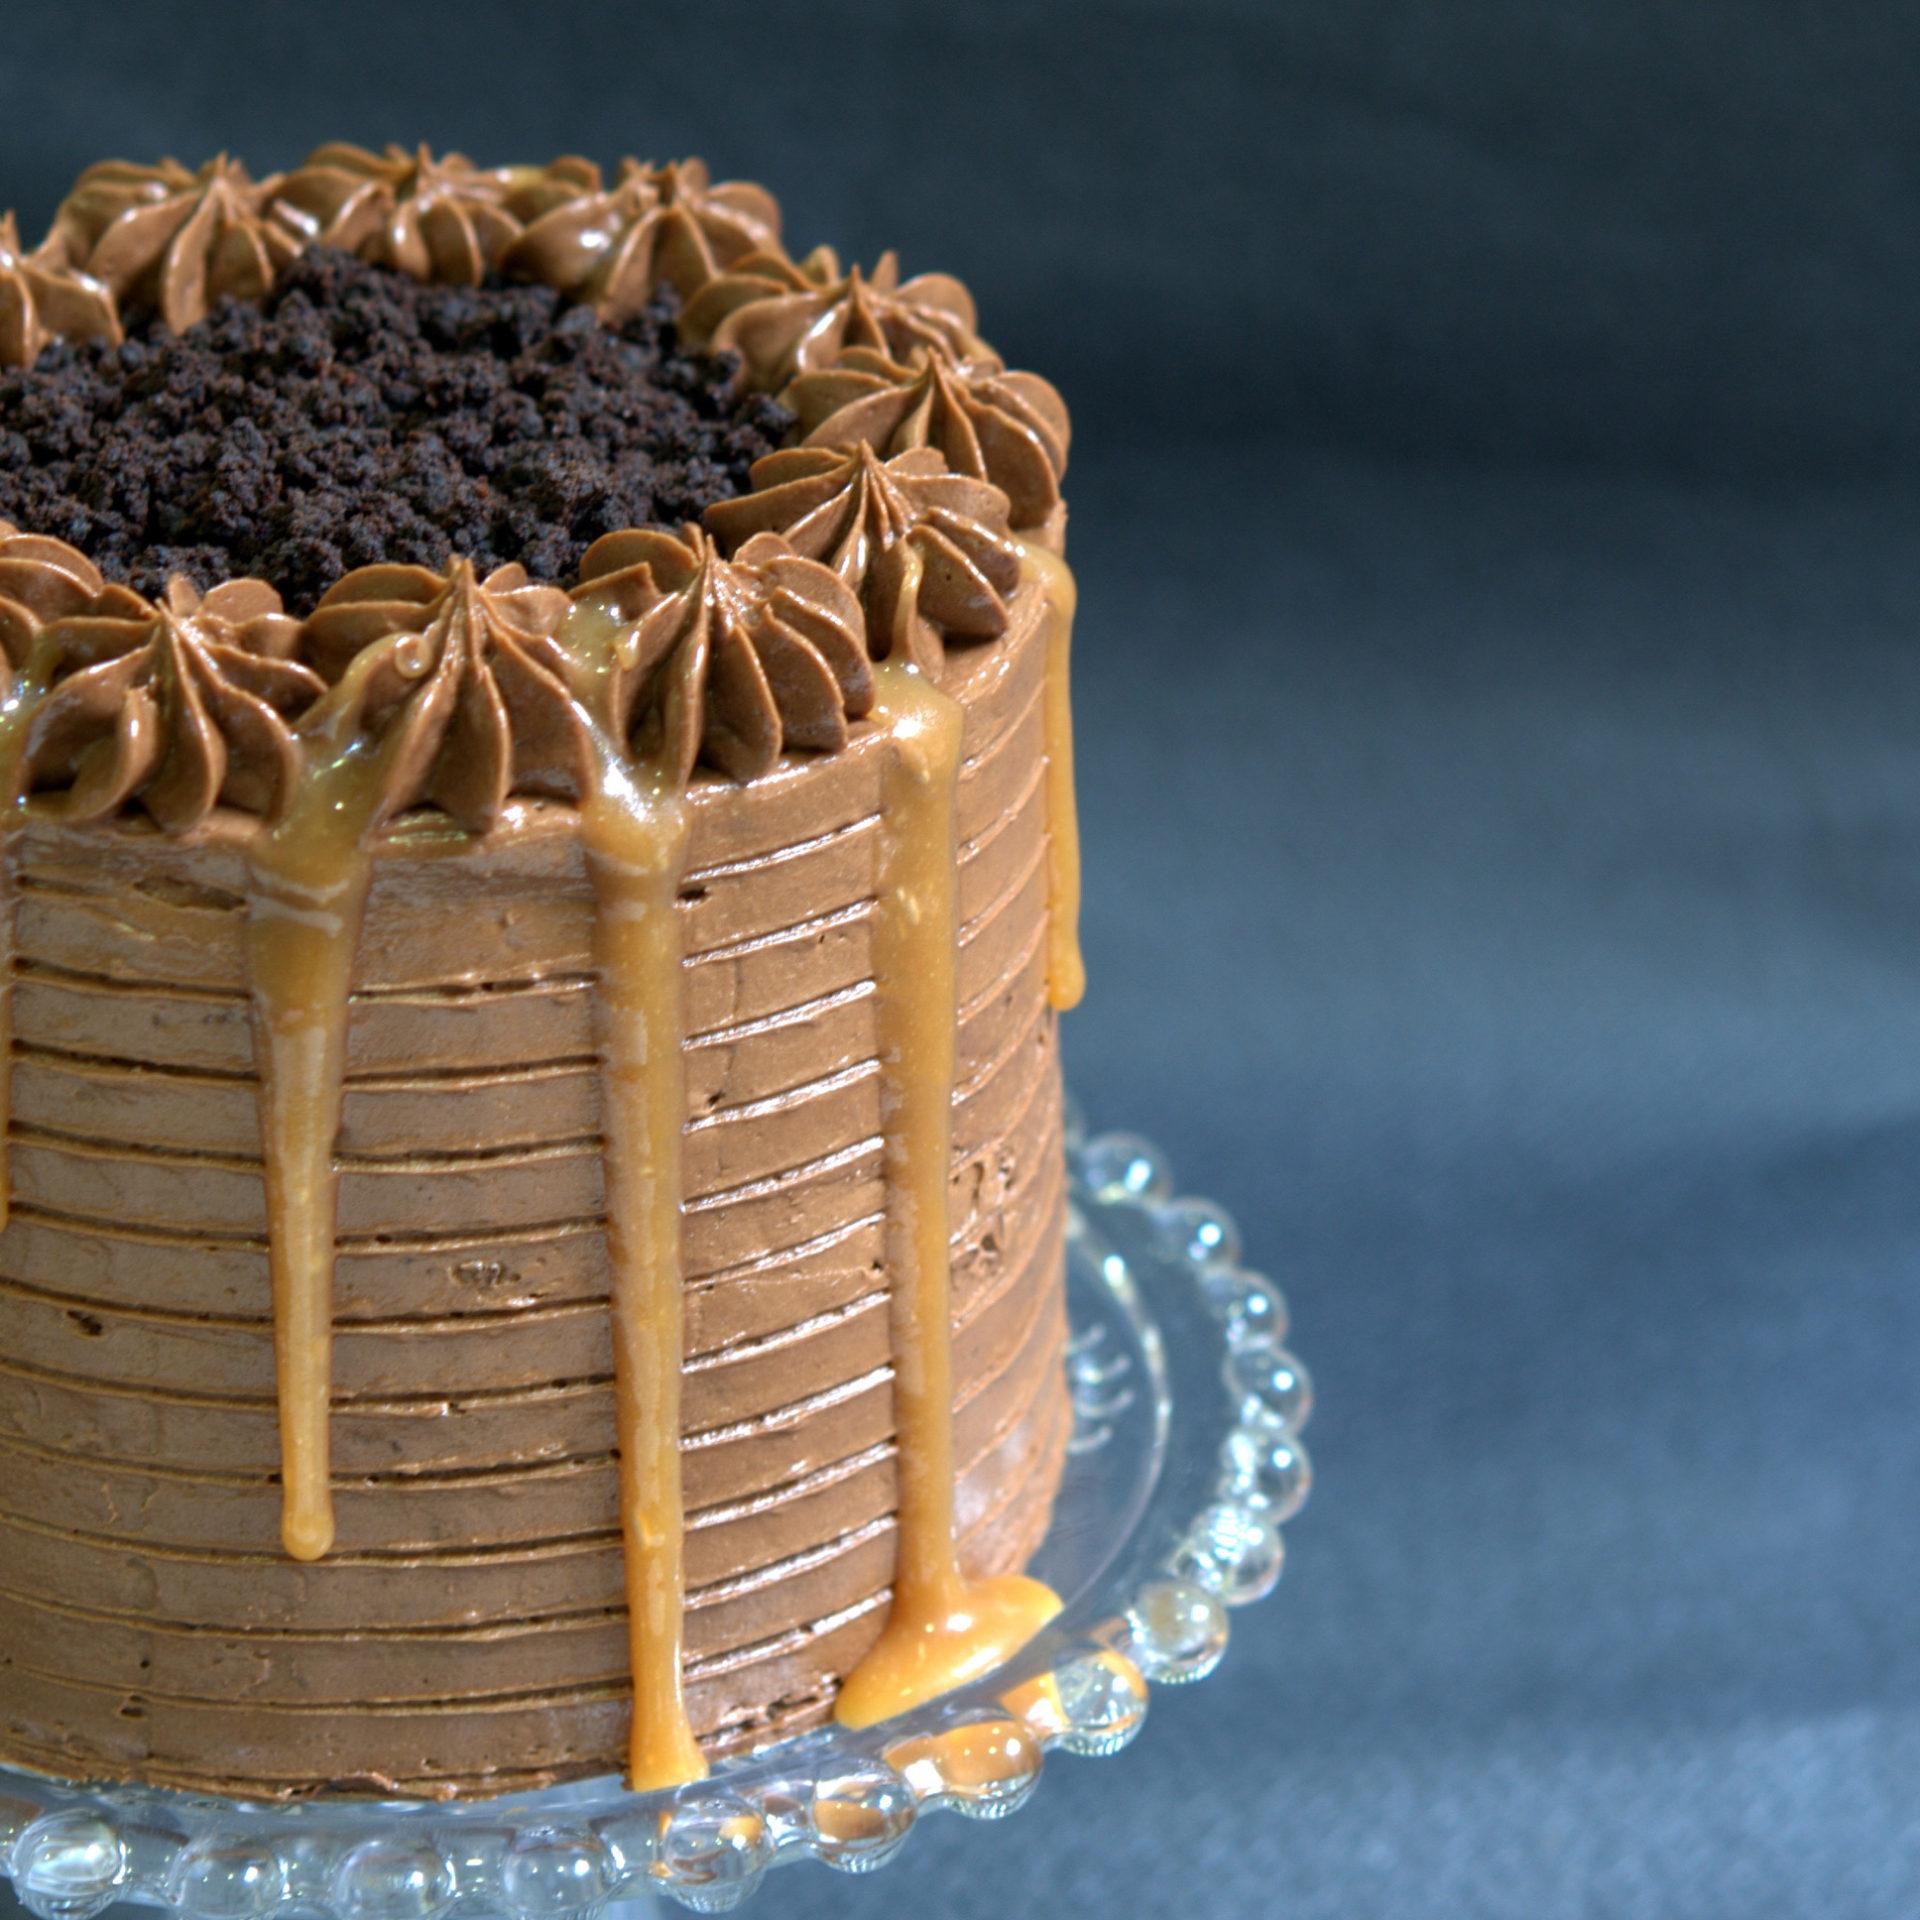 Curso Bizcochos y Rellenos, curso reposteria, mericakes, barcelona, chocolate, toffee, red velvet, 2